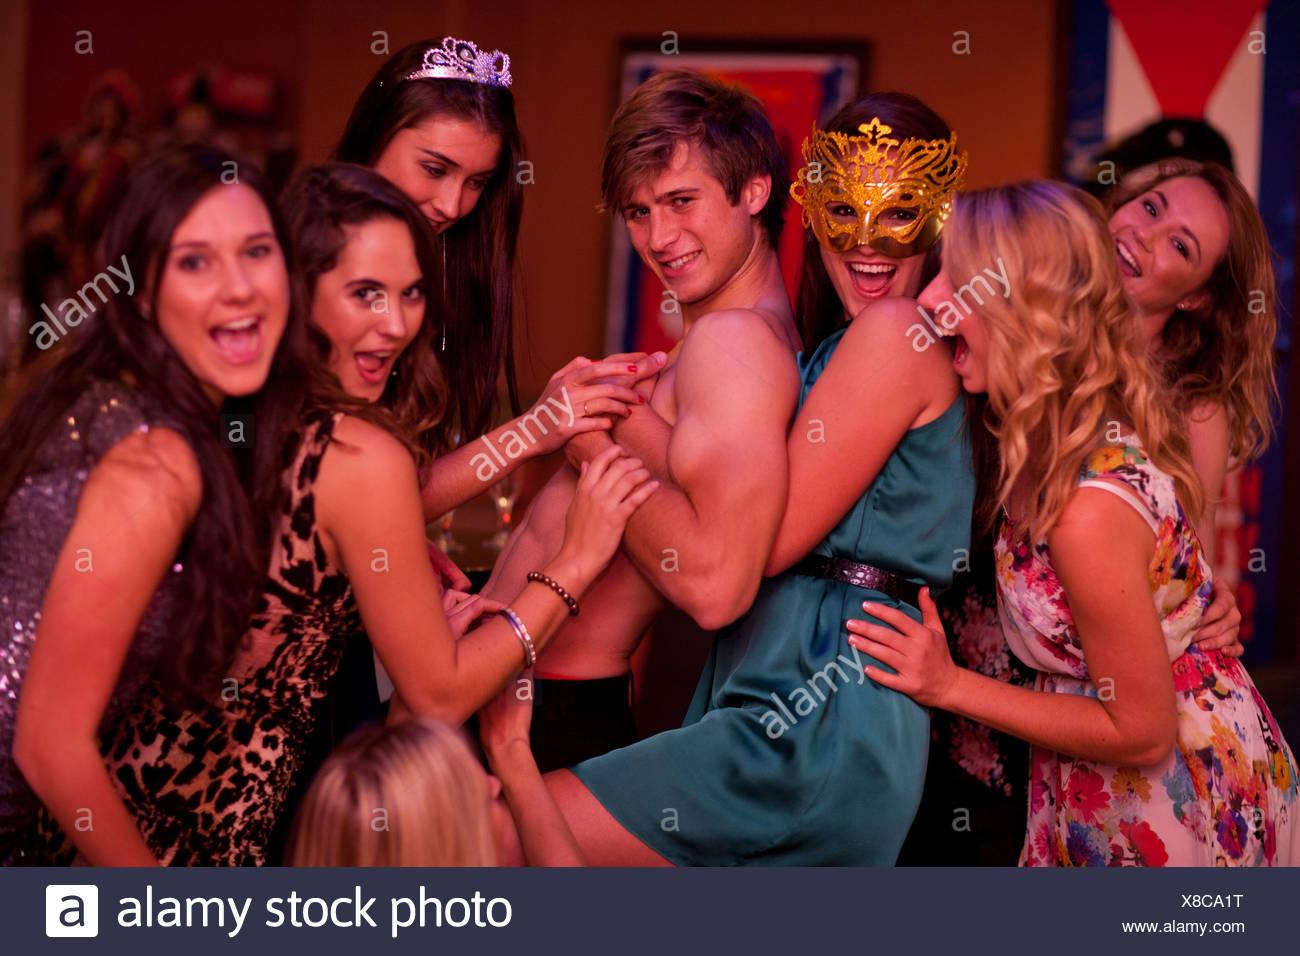 California in stripper picture 117